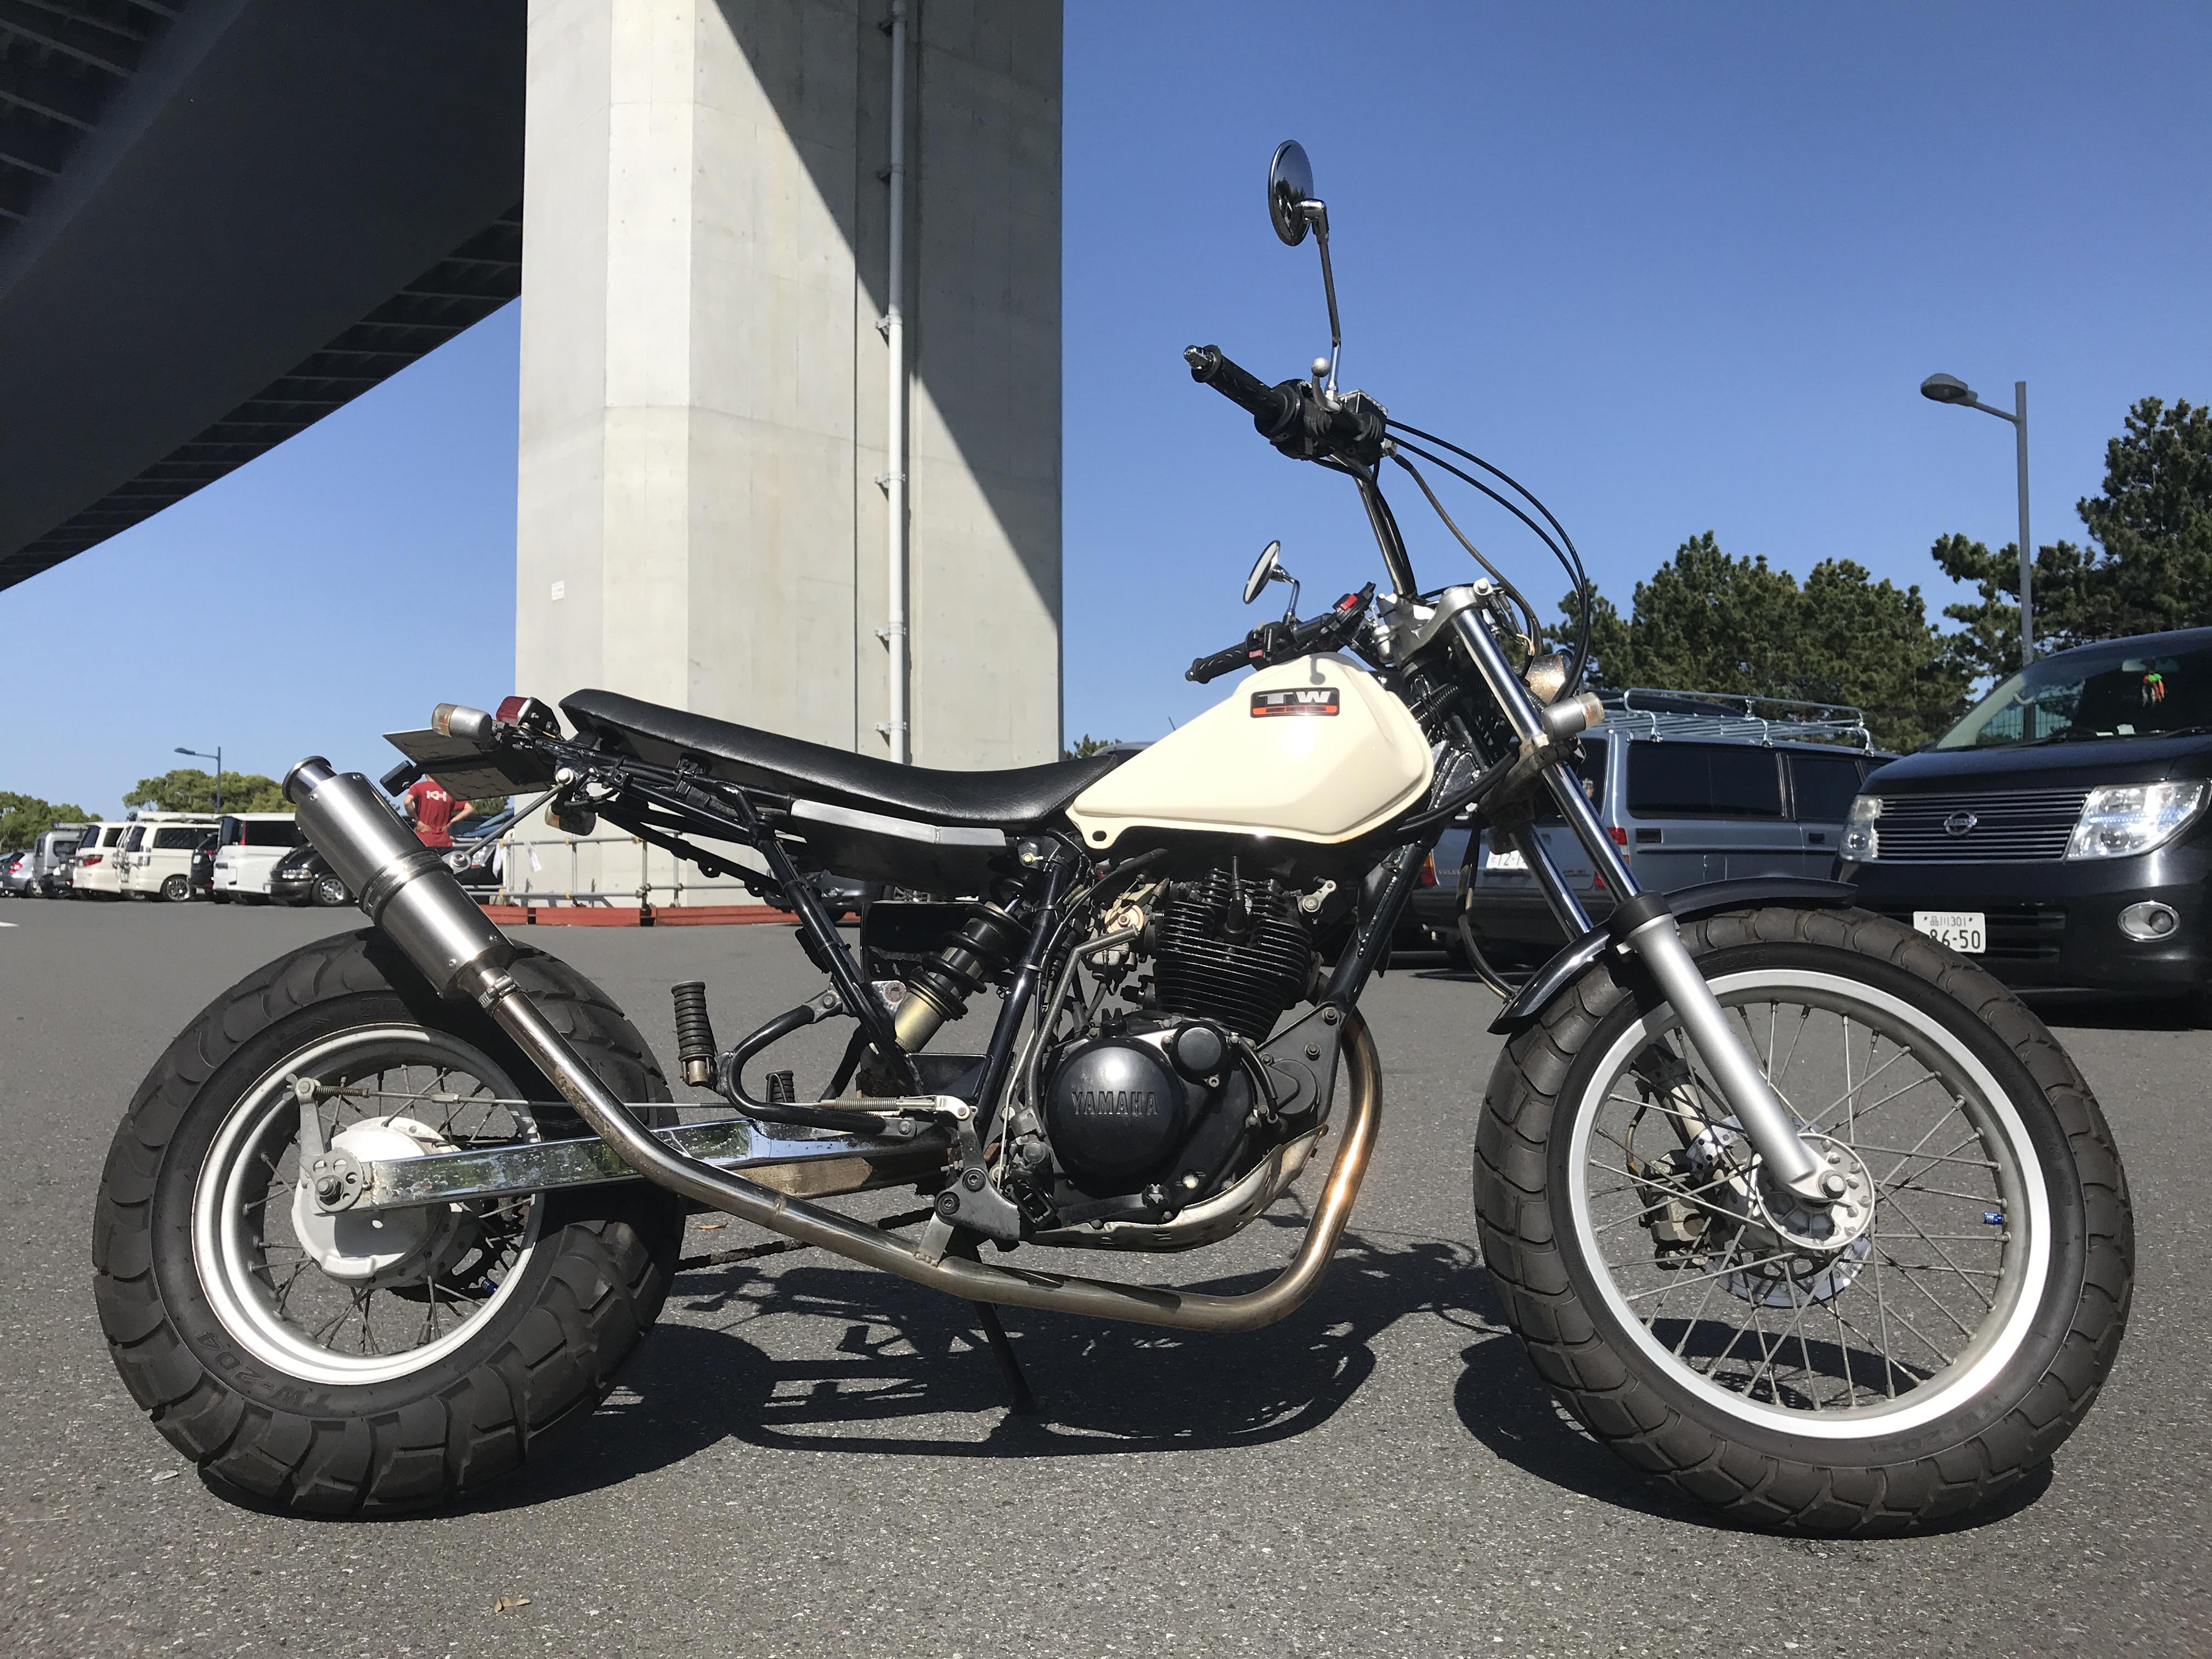 TW225カスタム (HN-00) - 【公式】レンタルバイクのベストBike® 横浜駅前